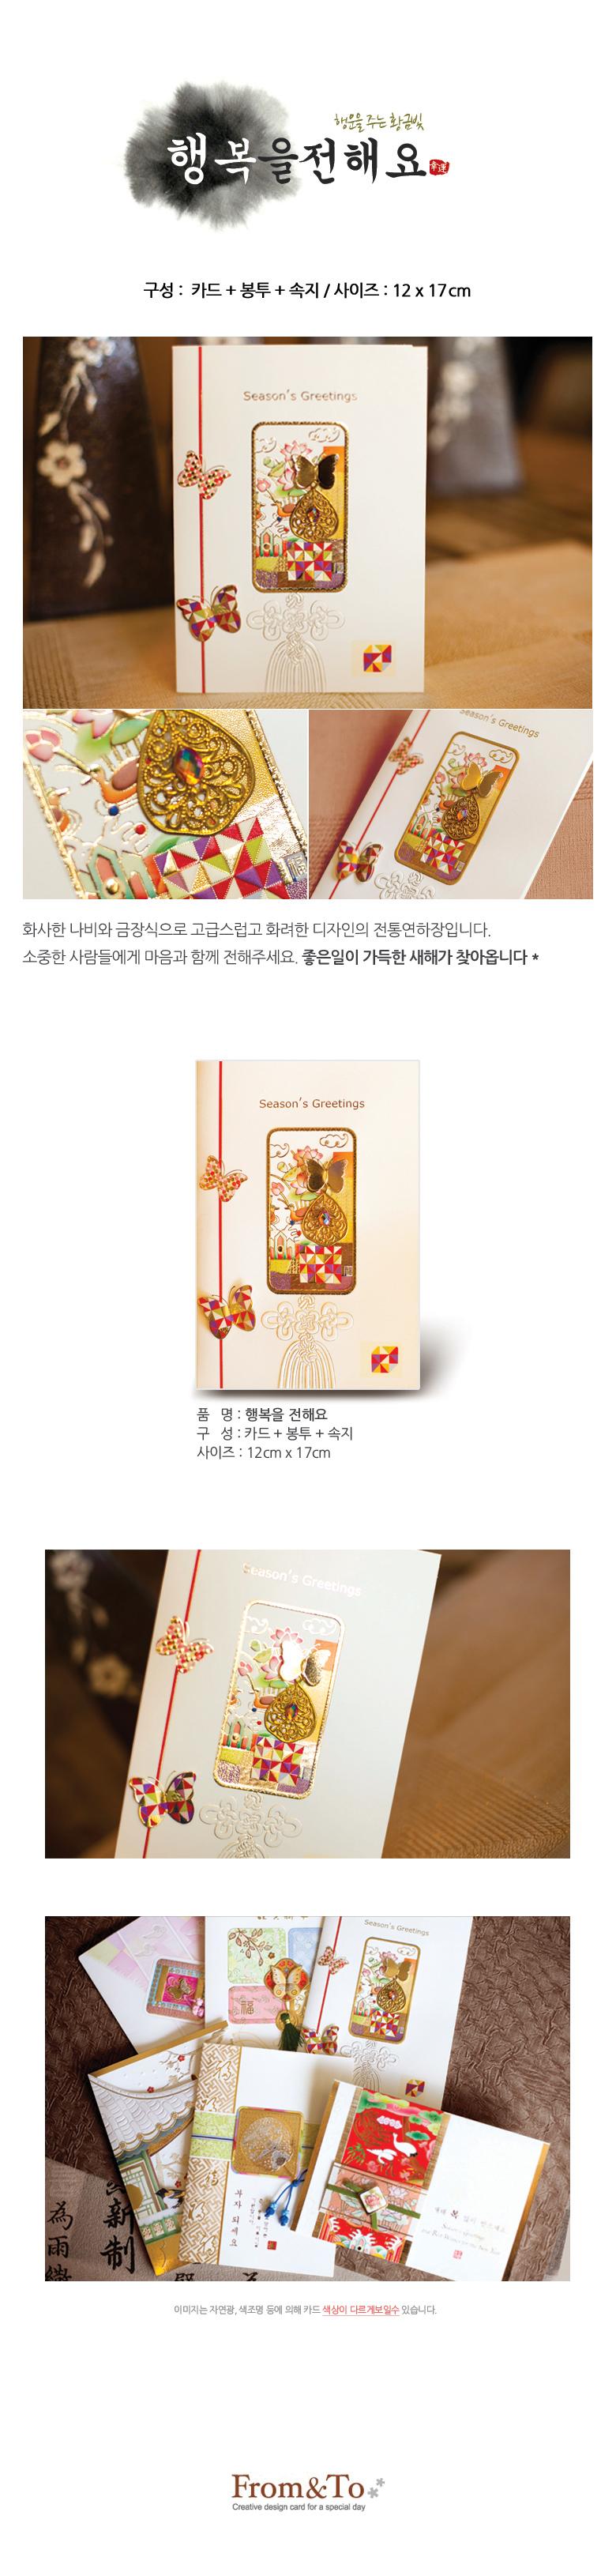 행복을전해요 FN202-3 - 프롬앤투, 2,000원, 카드, 시즌/테마 카드